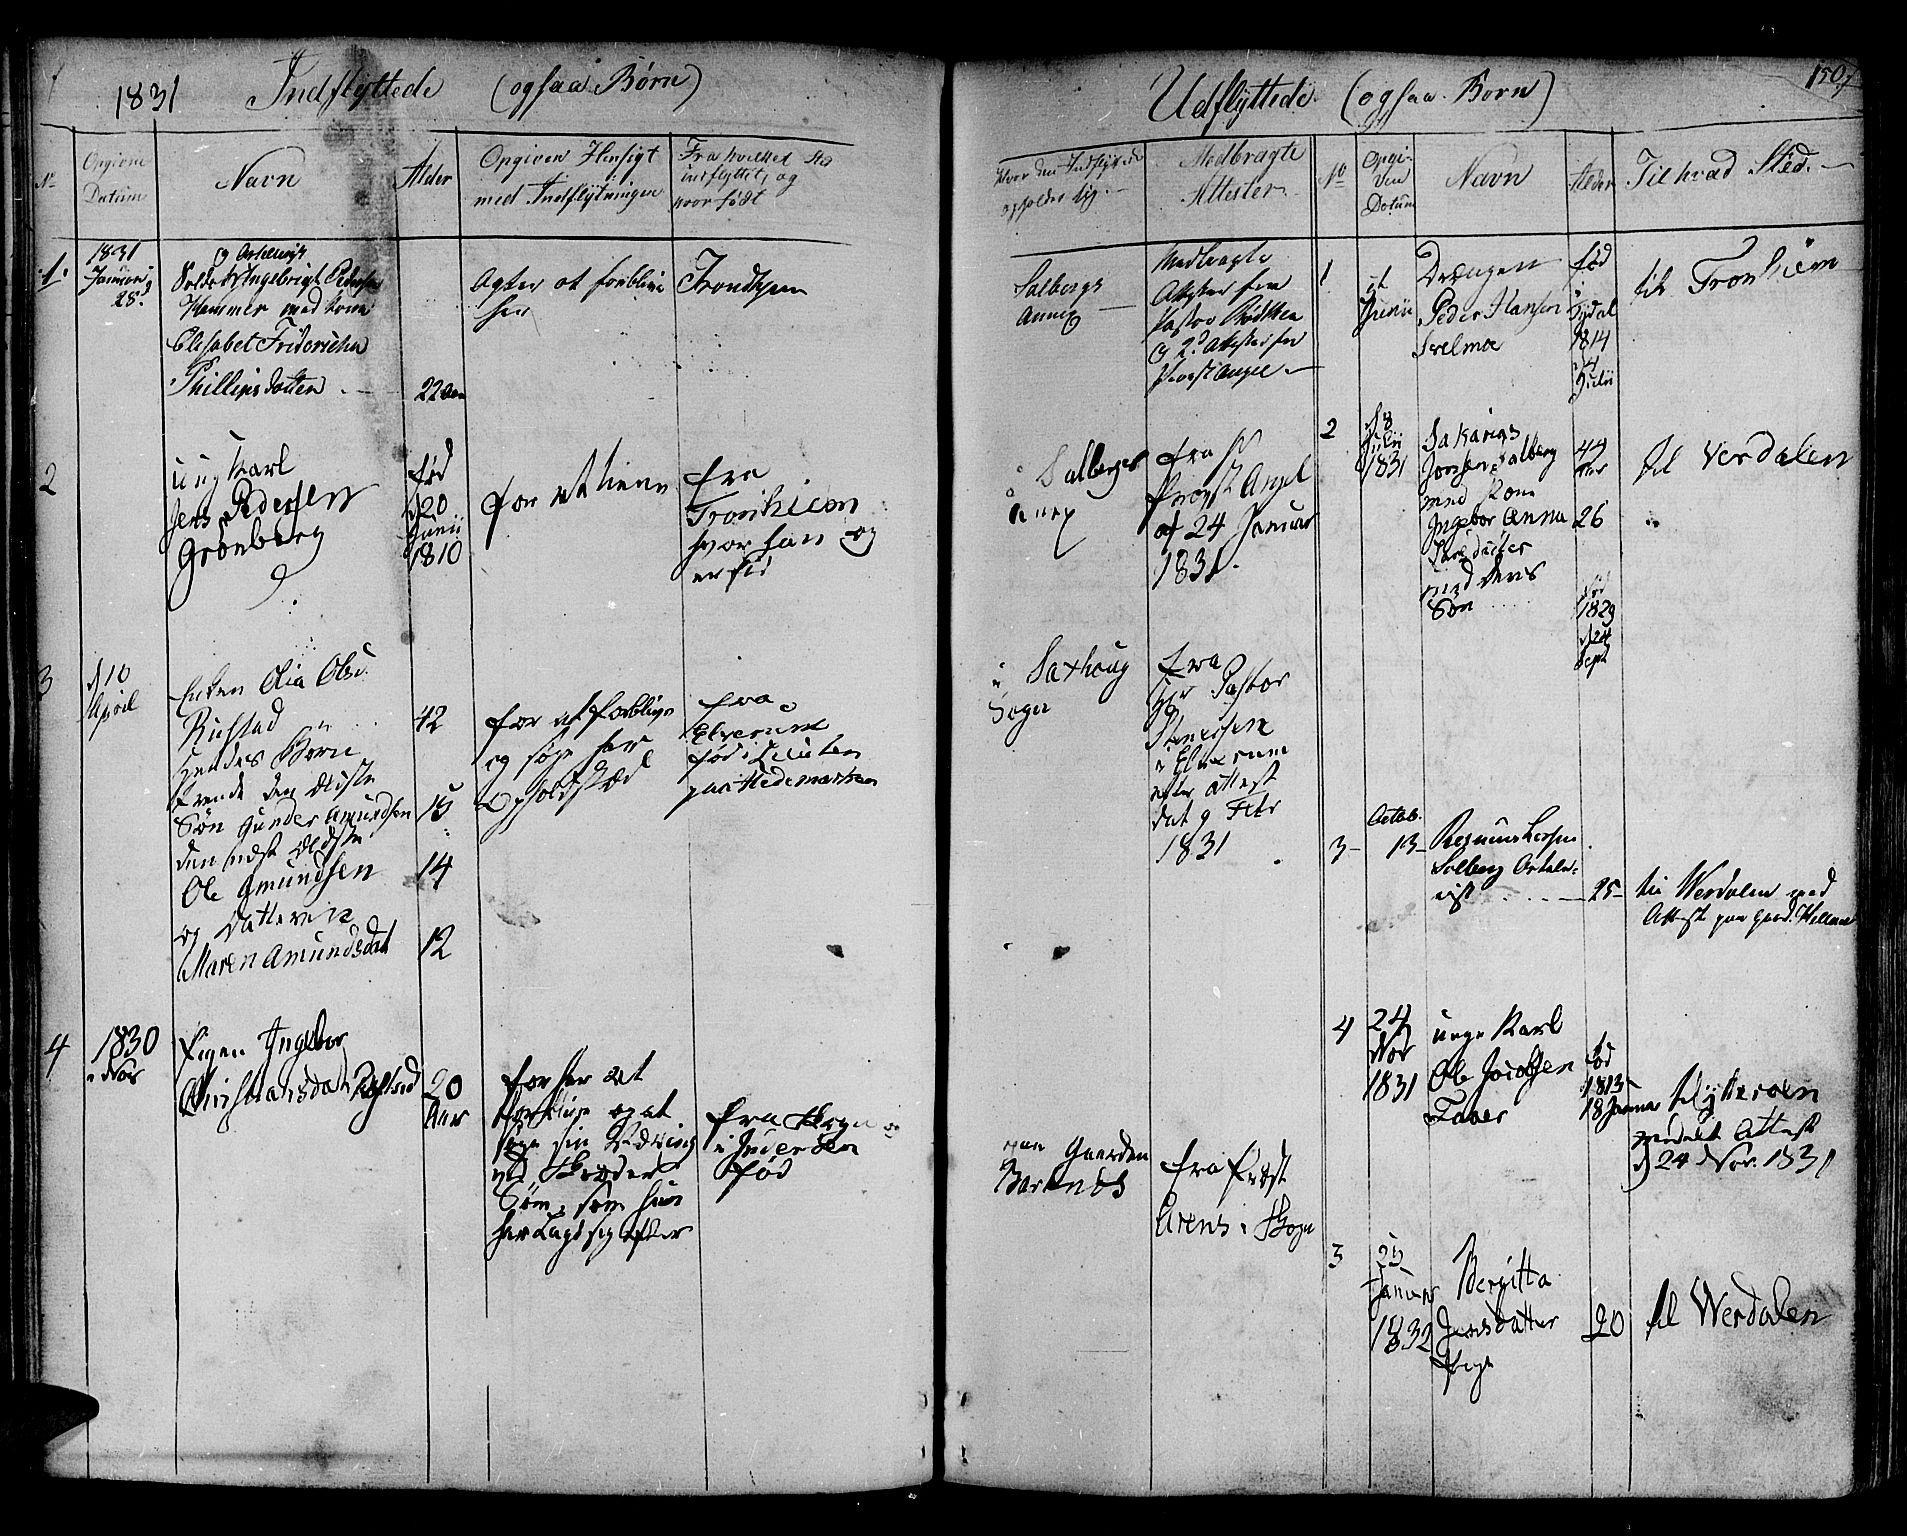 SAT, Ministerialprotokoller, klokkerbøker og fødselsregistre - Nord-Trøndelag, 730/L0277: Ministerialbok nr. 730A06 /1, 1830-1839, s. 150